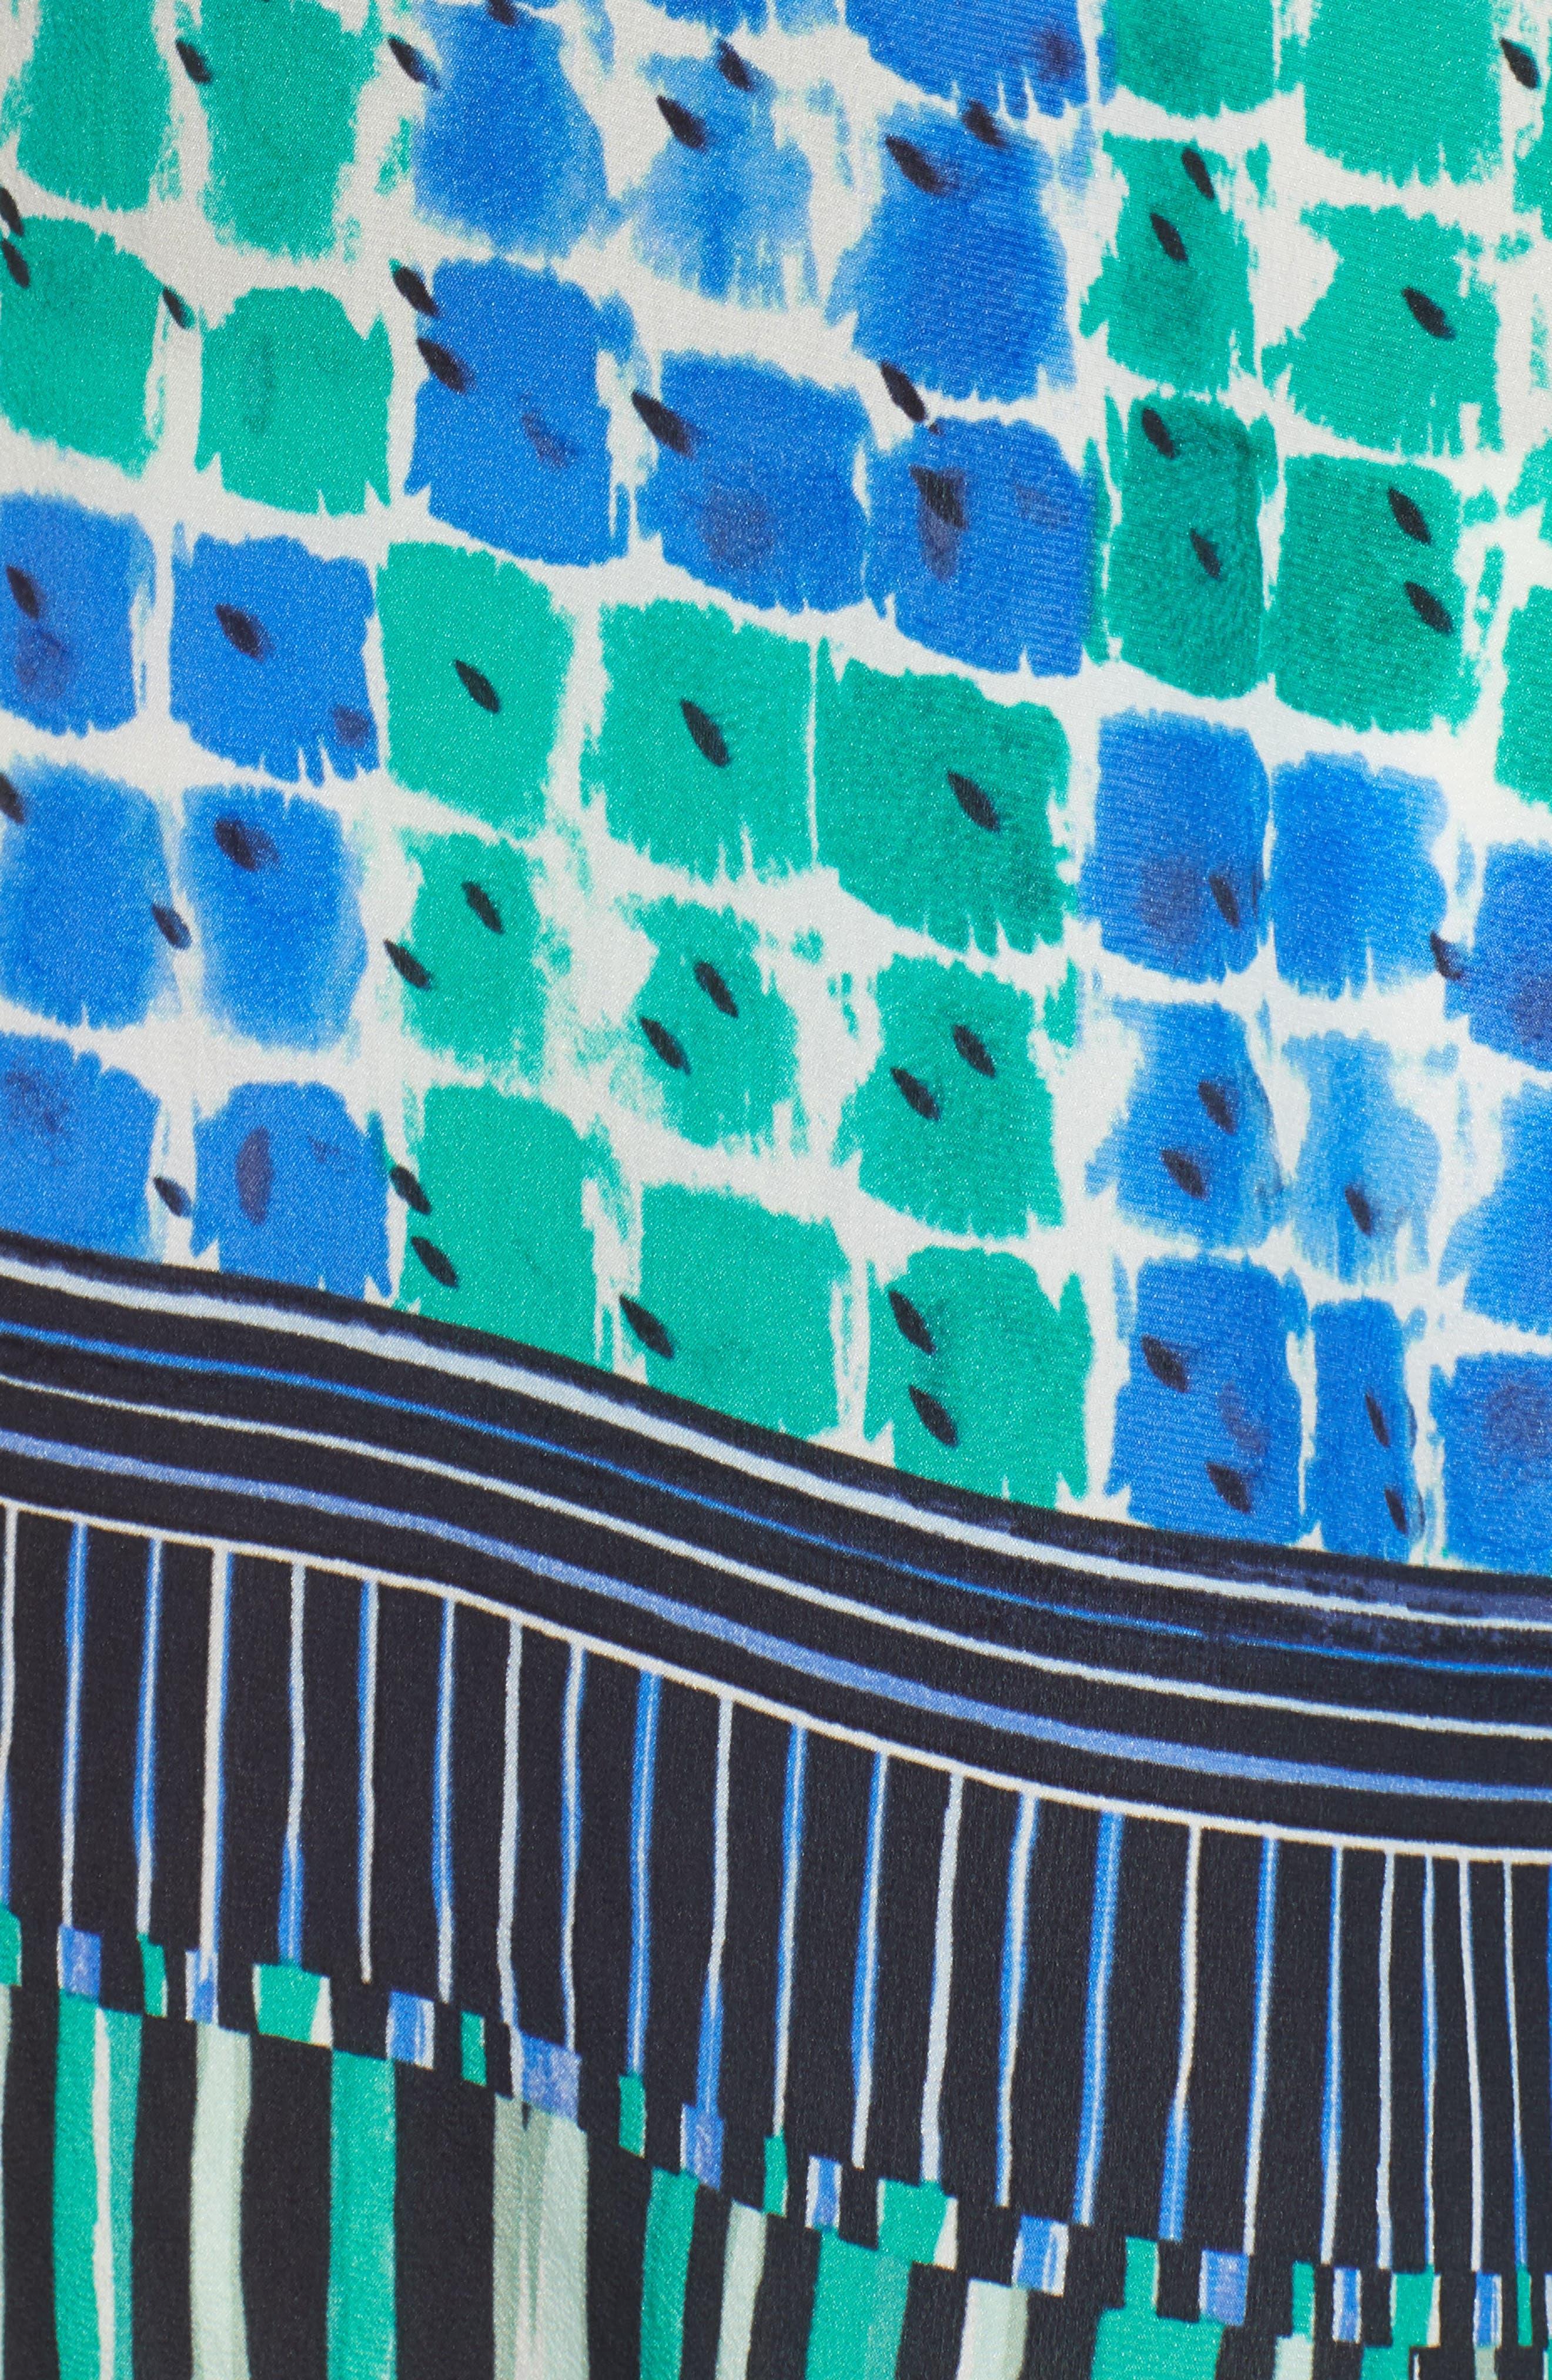 DJ VU Print Tank,                             Alternate thumbnail 6, color,                             490